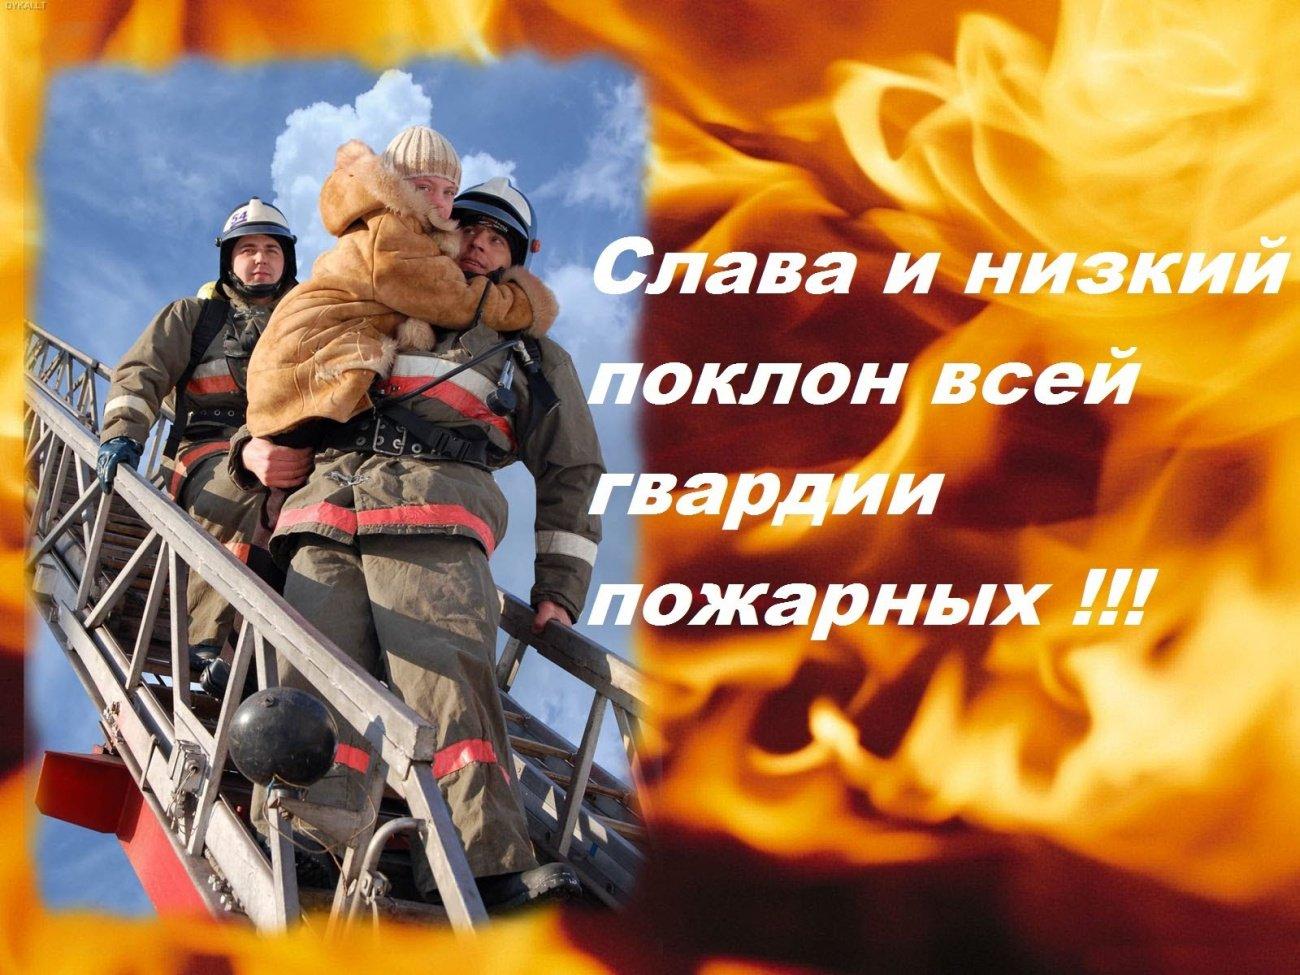 Картинки с праздником пожарного